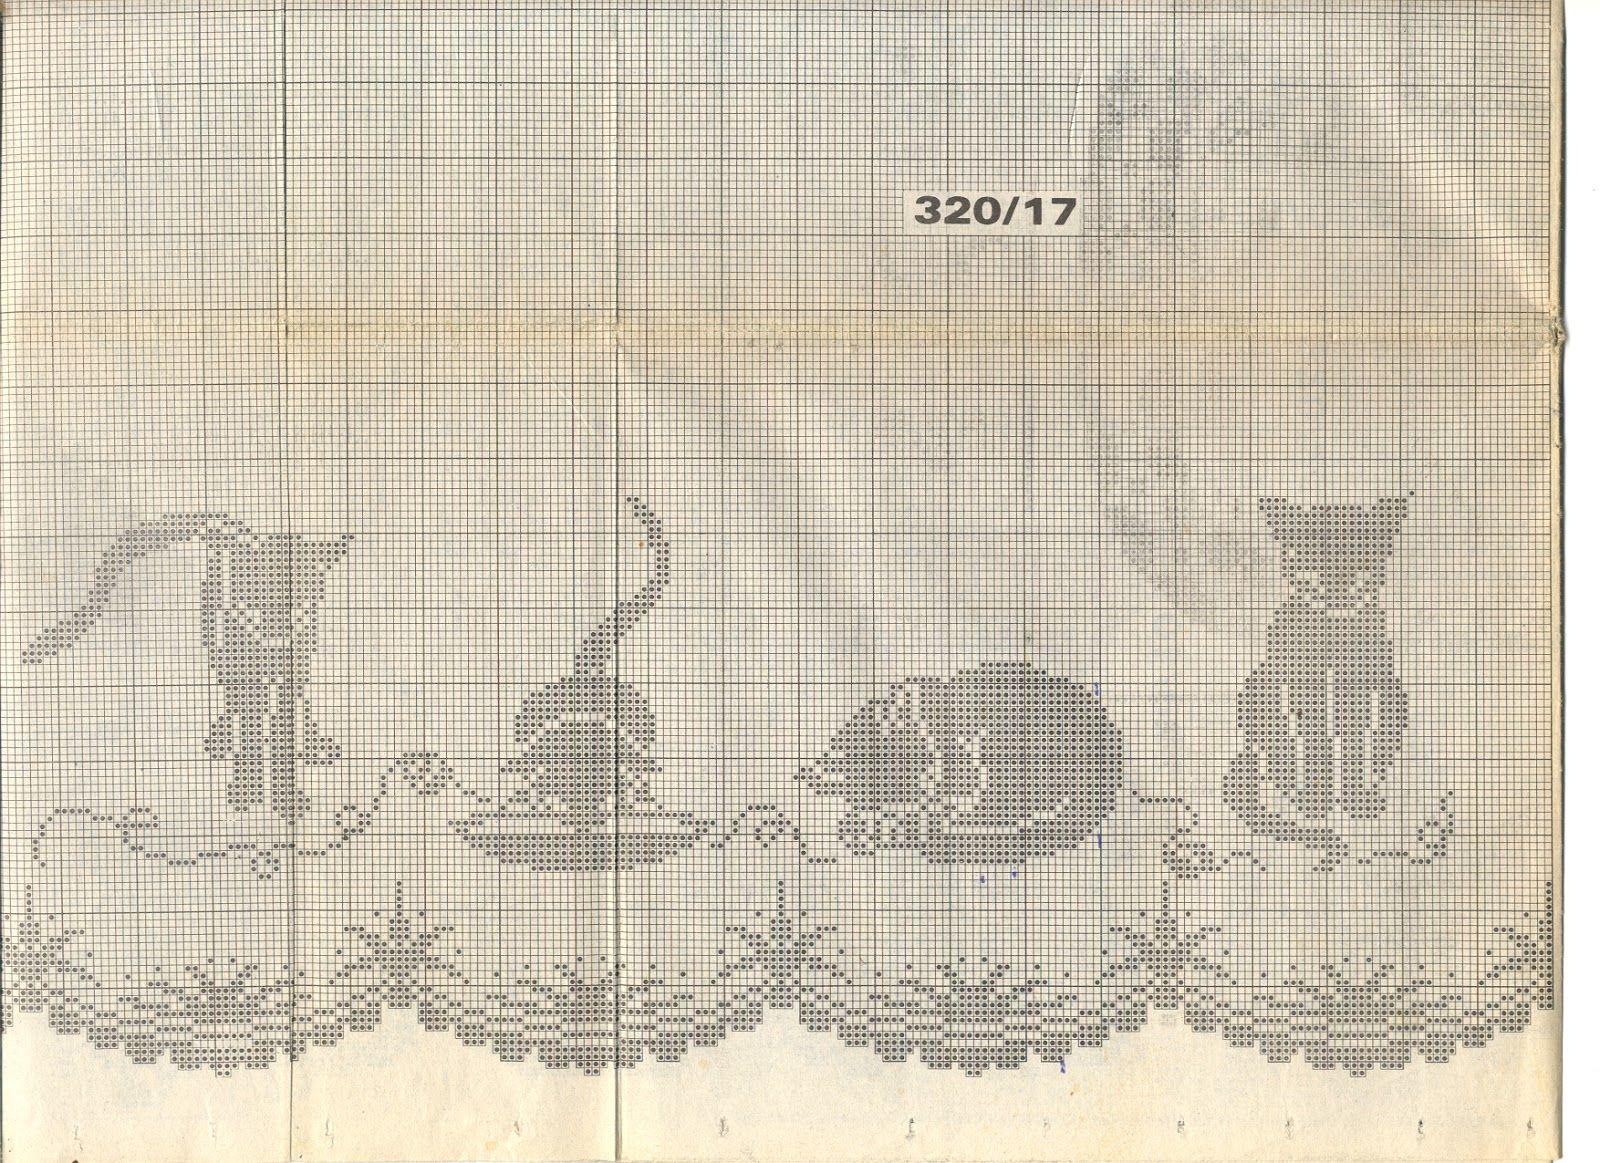 Full Size of Küchegardinen Häkeln Anleitung Filethkeln Muster Vorlagen Stricken Wohnzimmer Küchegardinen Häkeln Anleitung